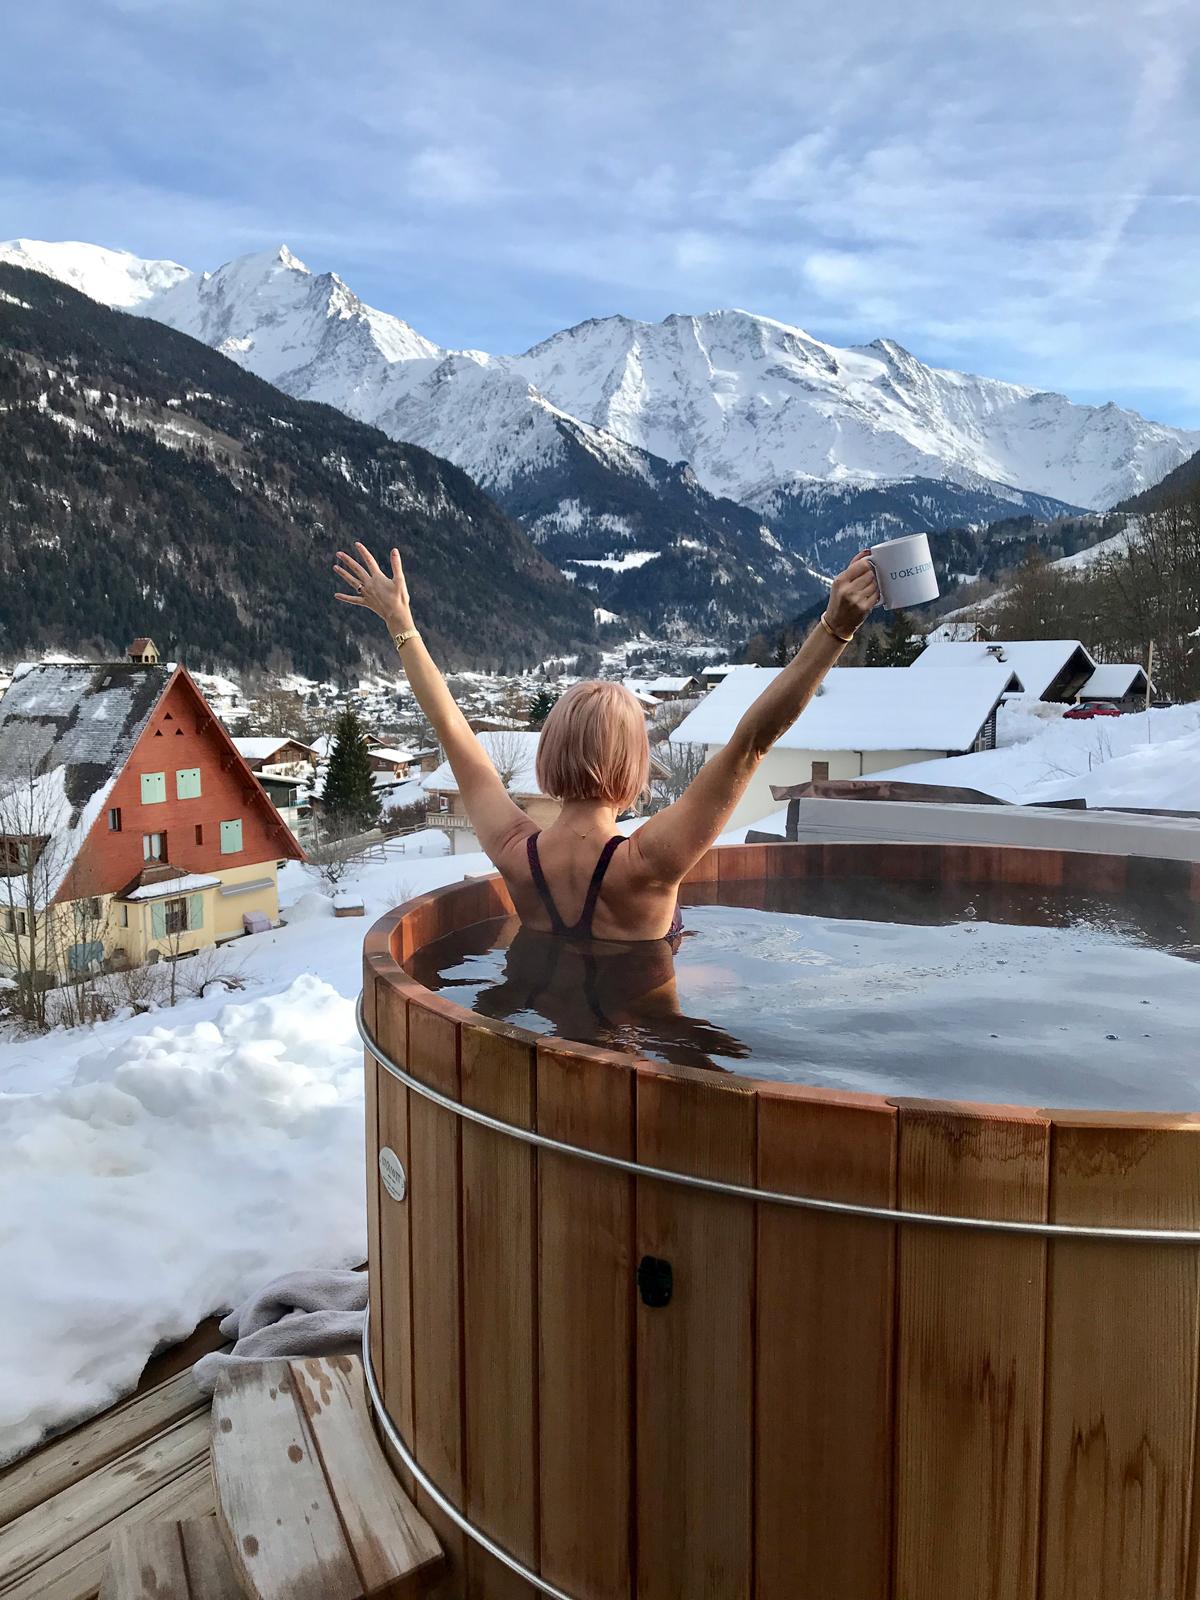 Experiencing hot tub joy